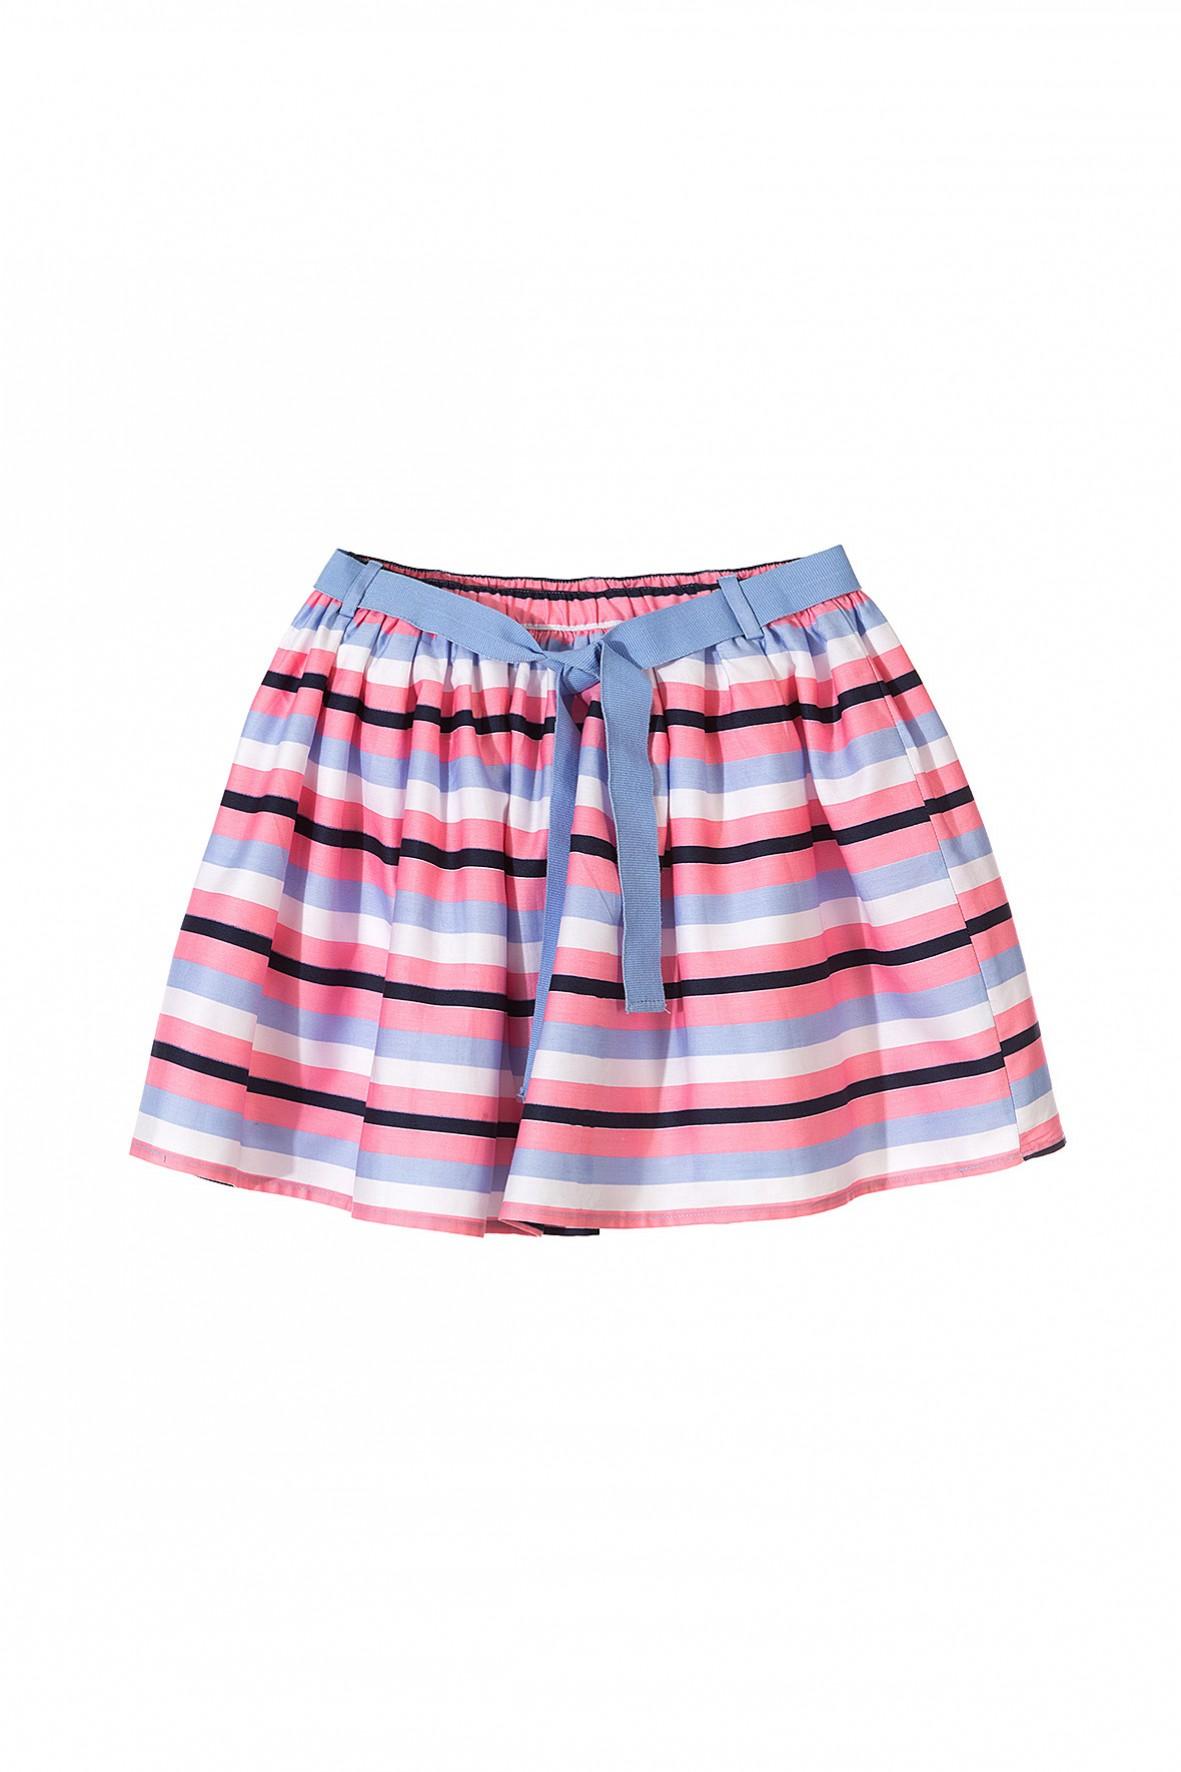 Spódnica dziewczęca w paski-ubrania na specjalne okazje